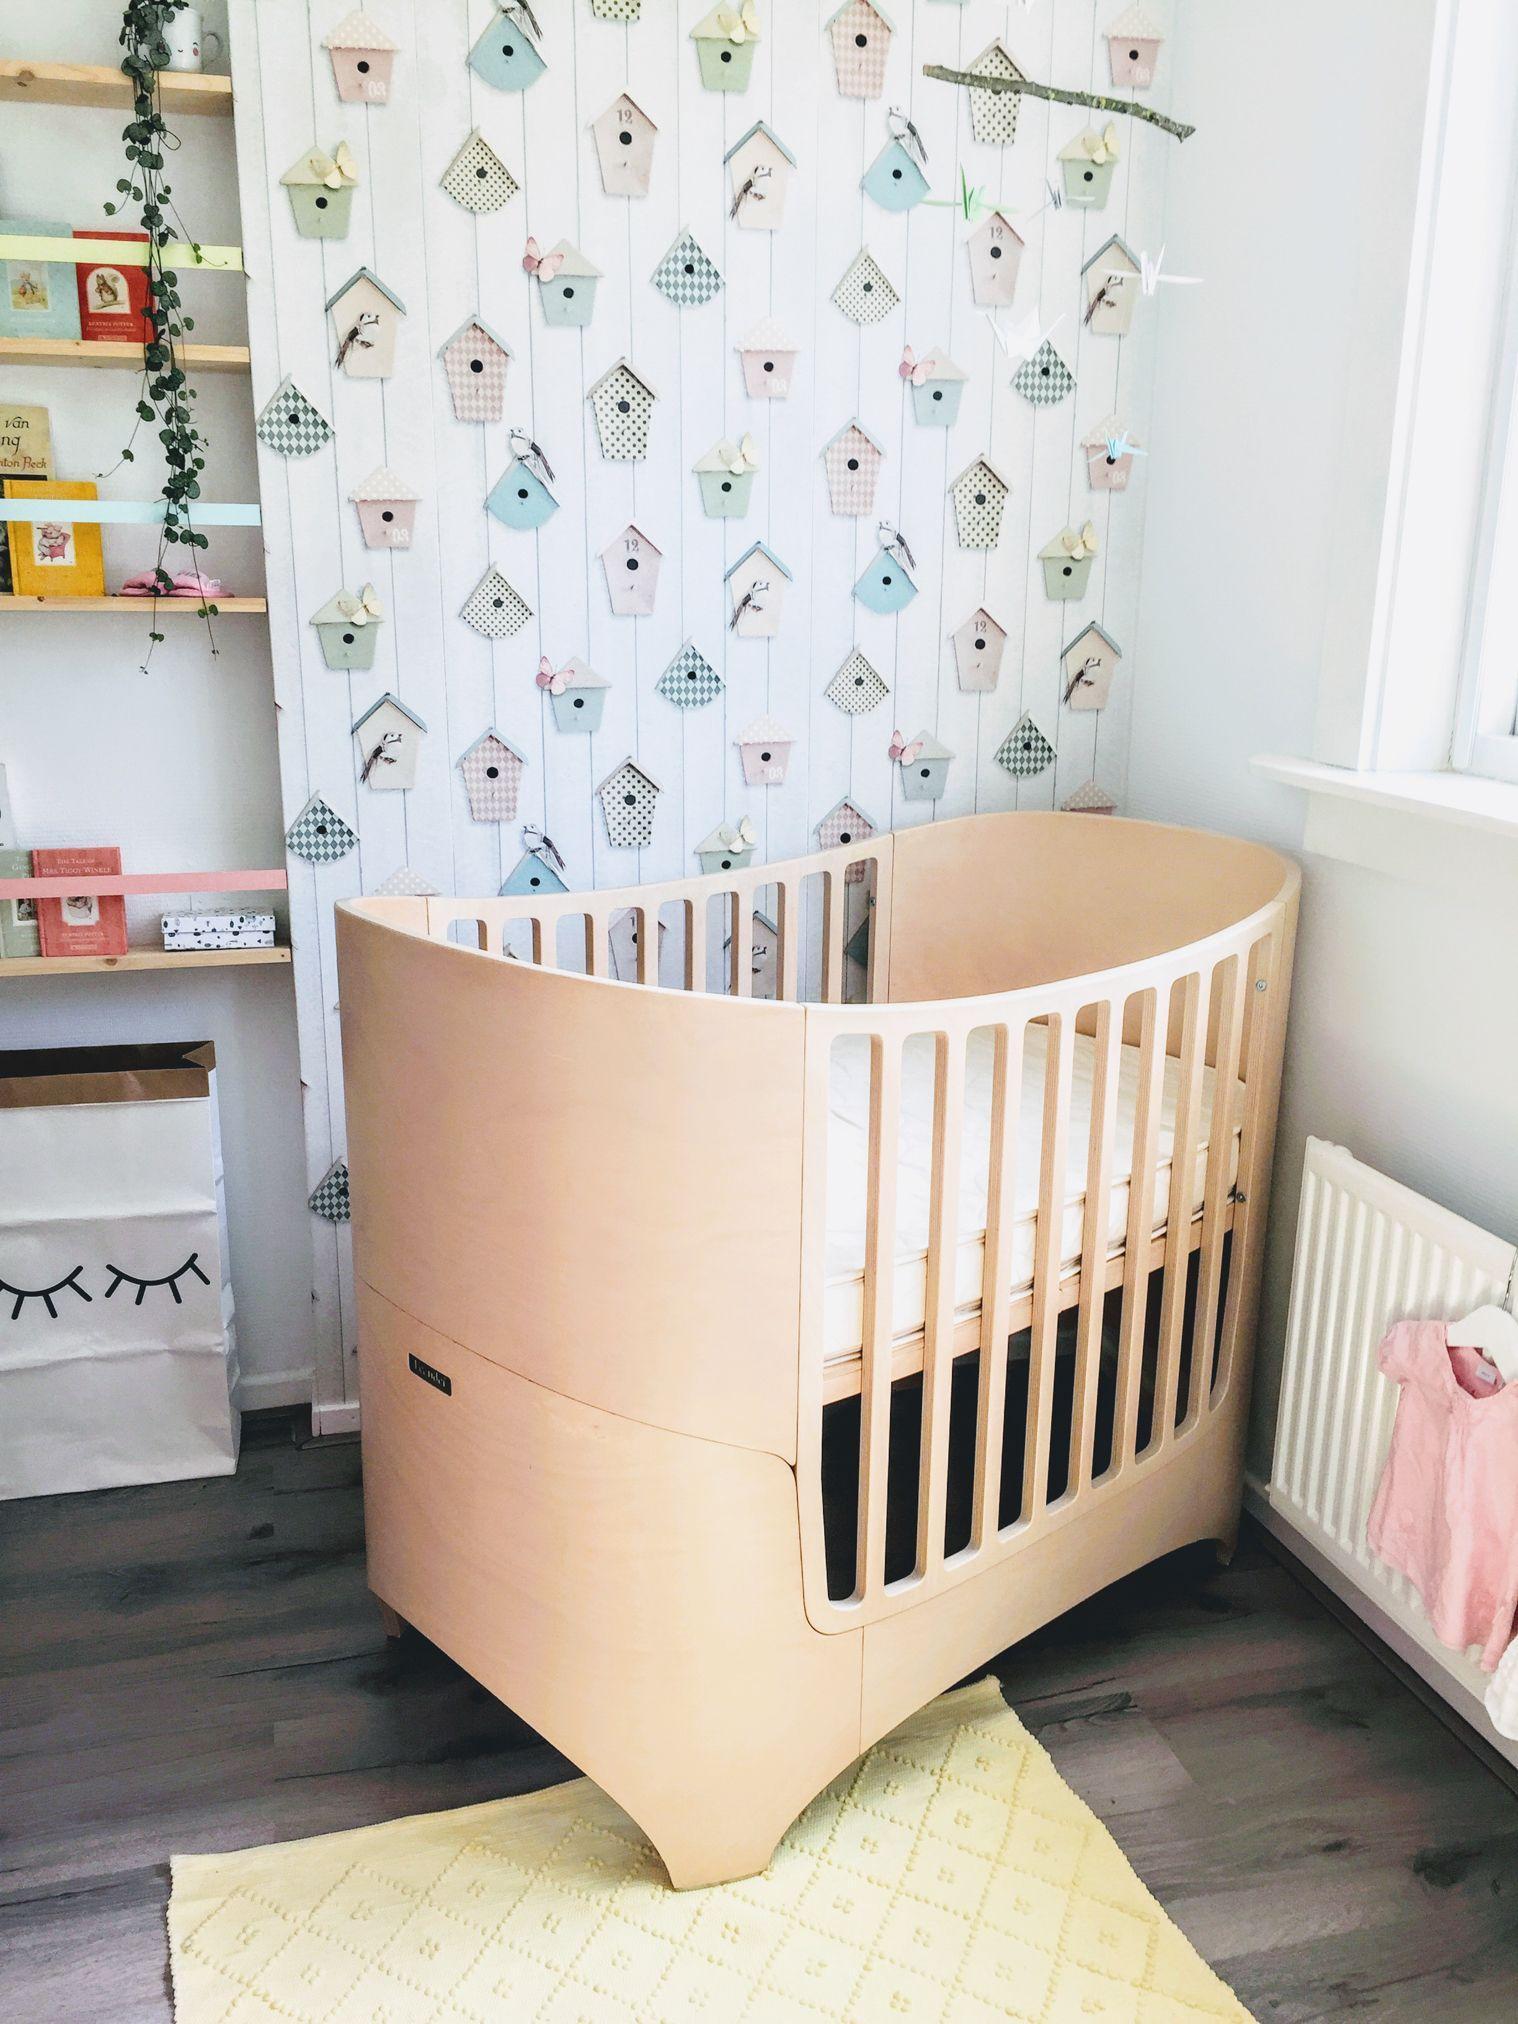 Babykamer Inrichten Spelletjes.De Babykamer Duurzaam Inrichten Gastblog Jonneke Blog Een Goed